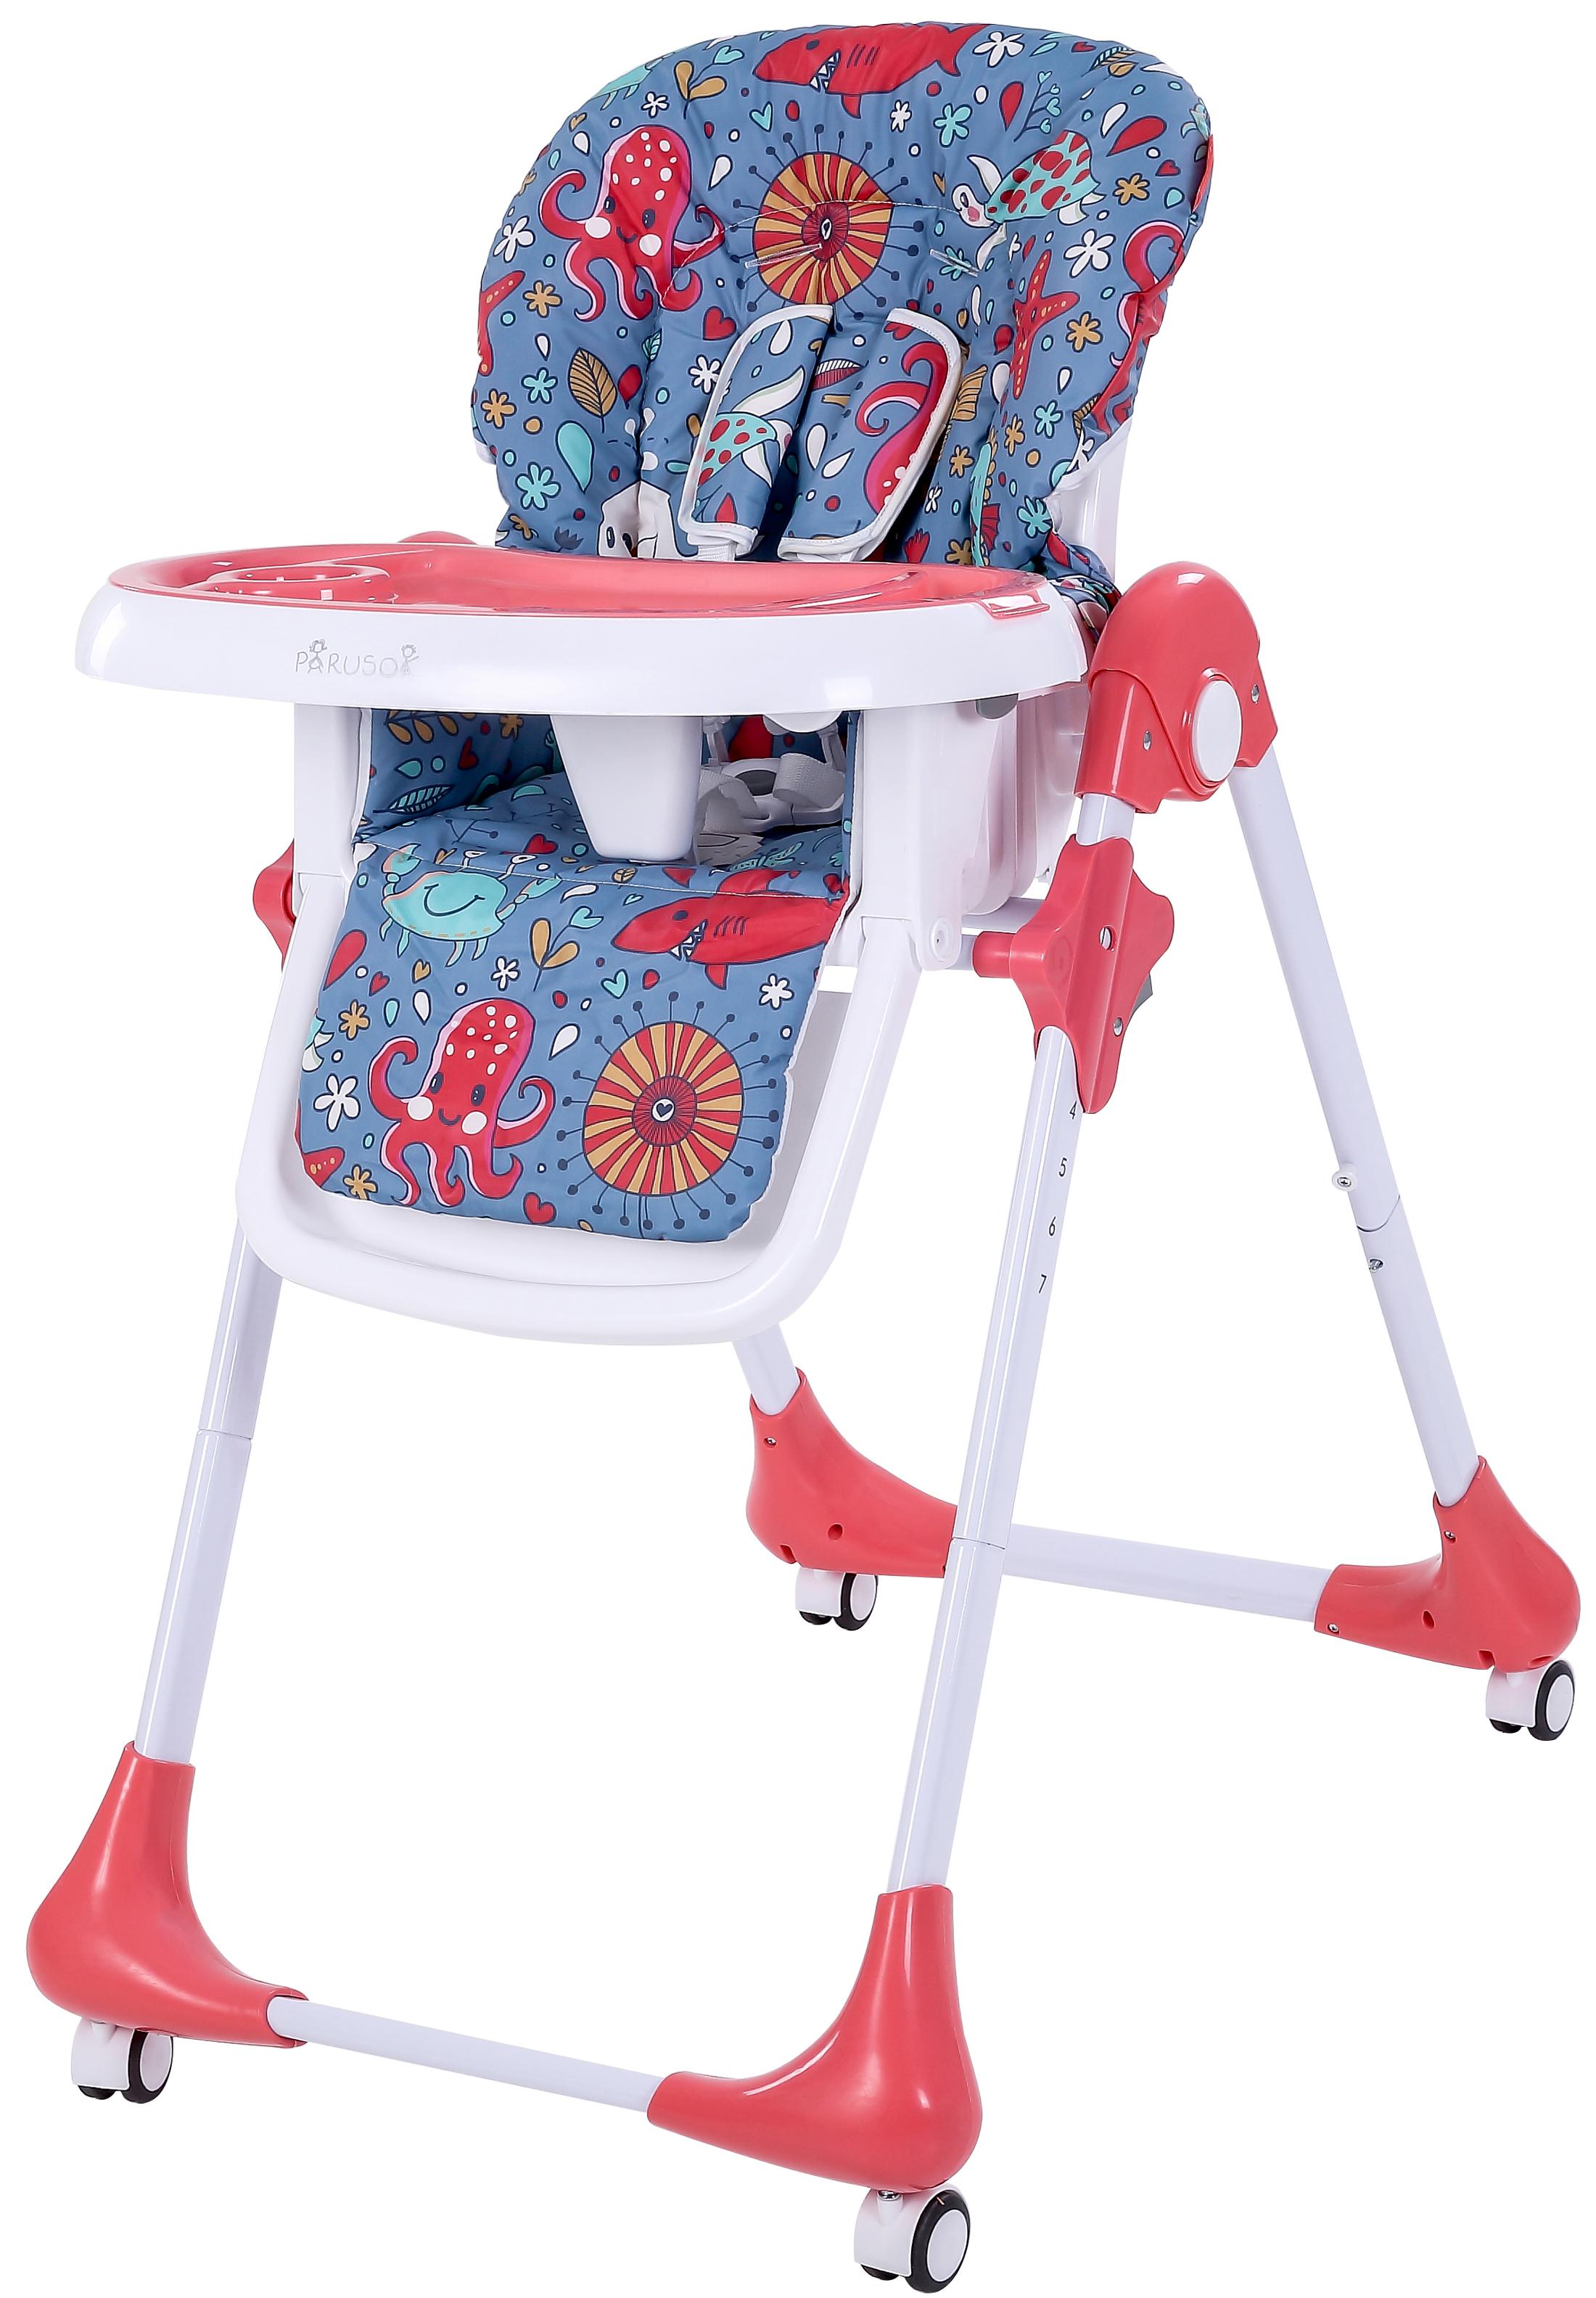 Стульчики для кормления Parusok Стульчик для кормления Parusok «Light» цвет коралловый стульчики для кормления russia гном